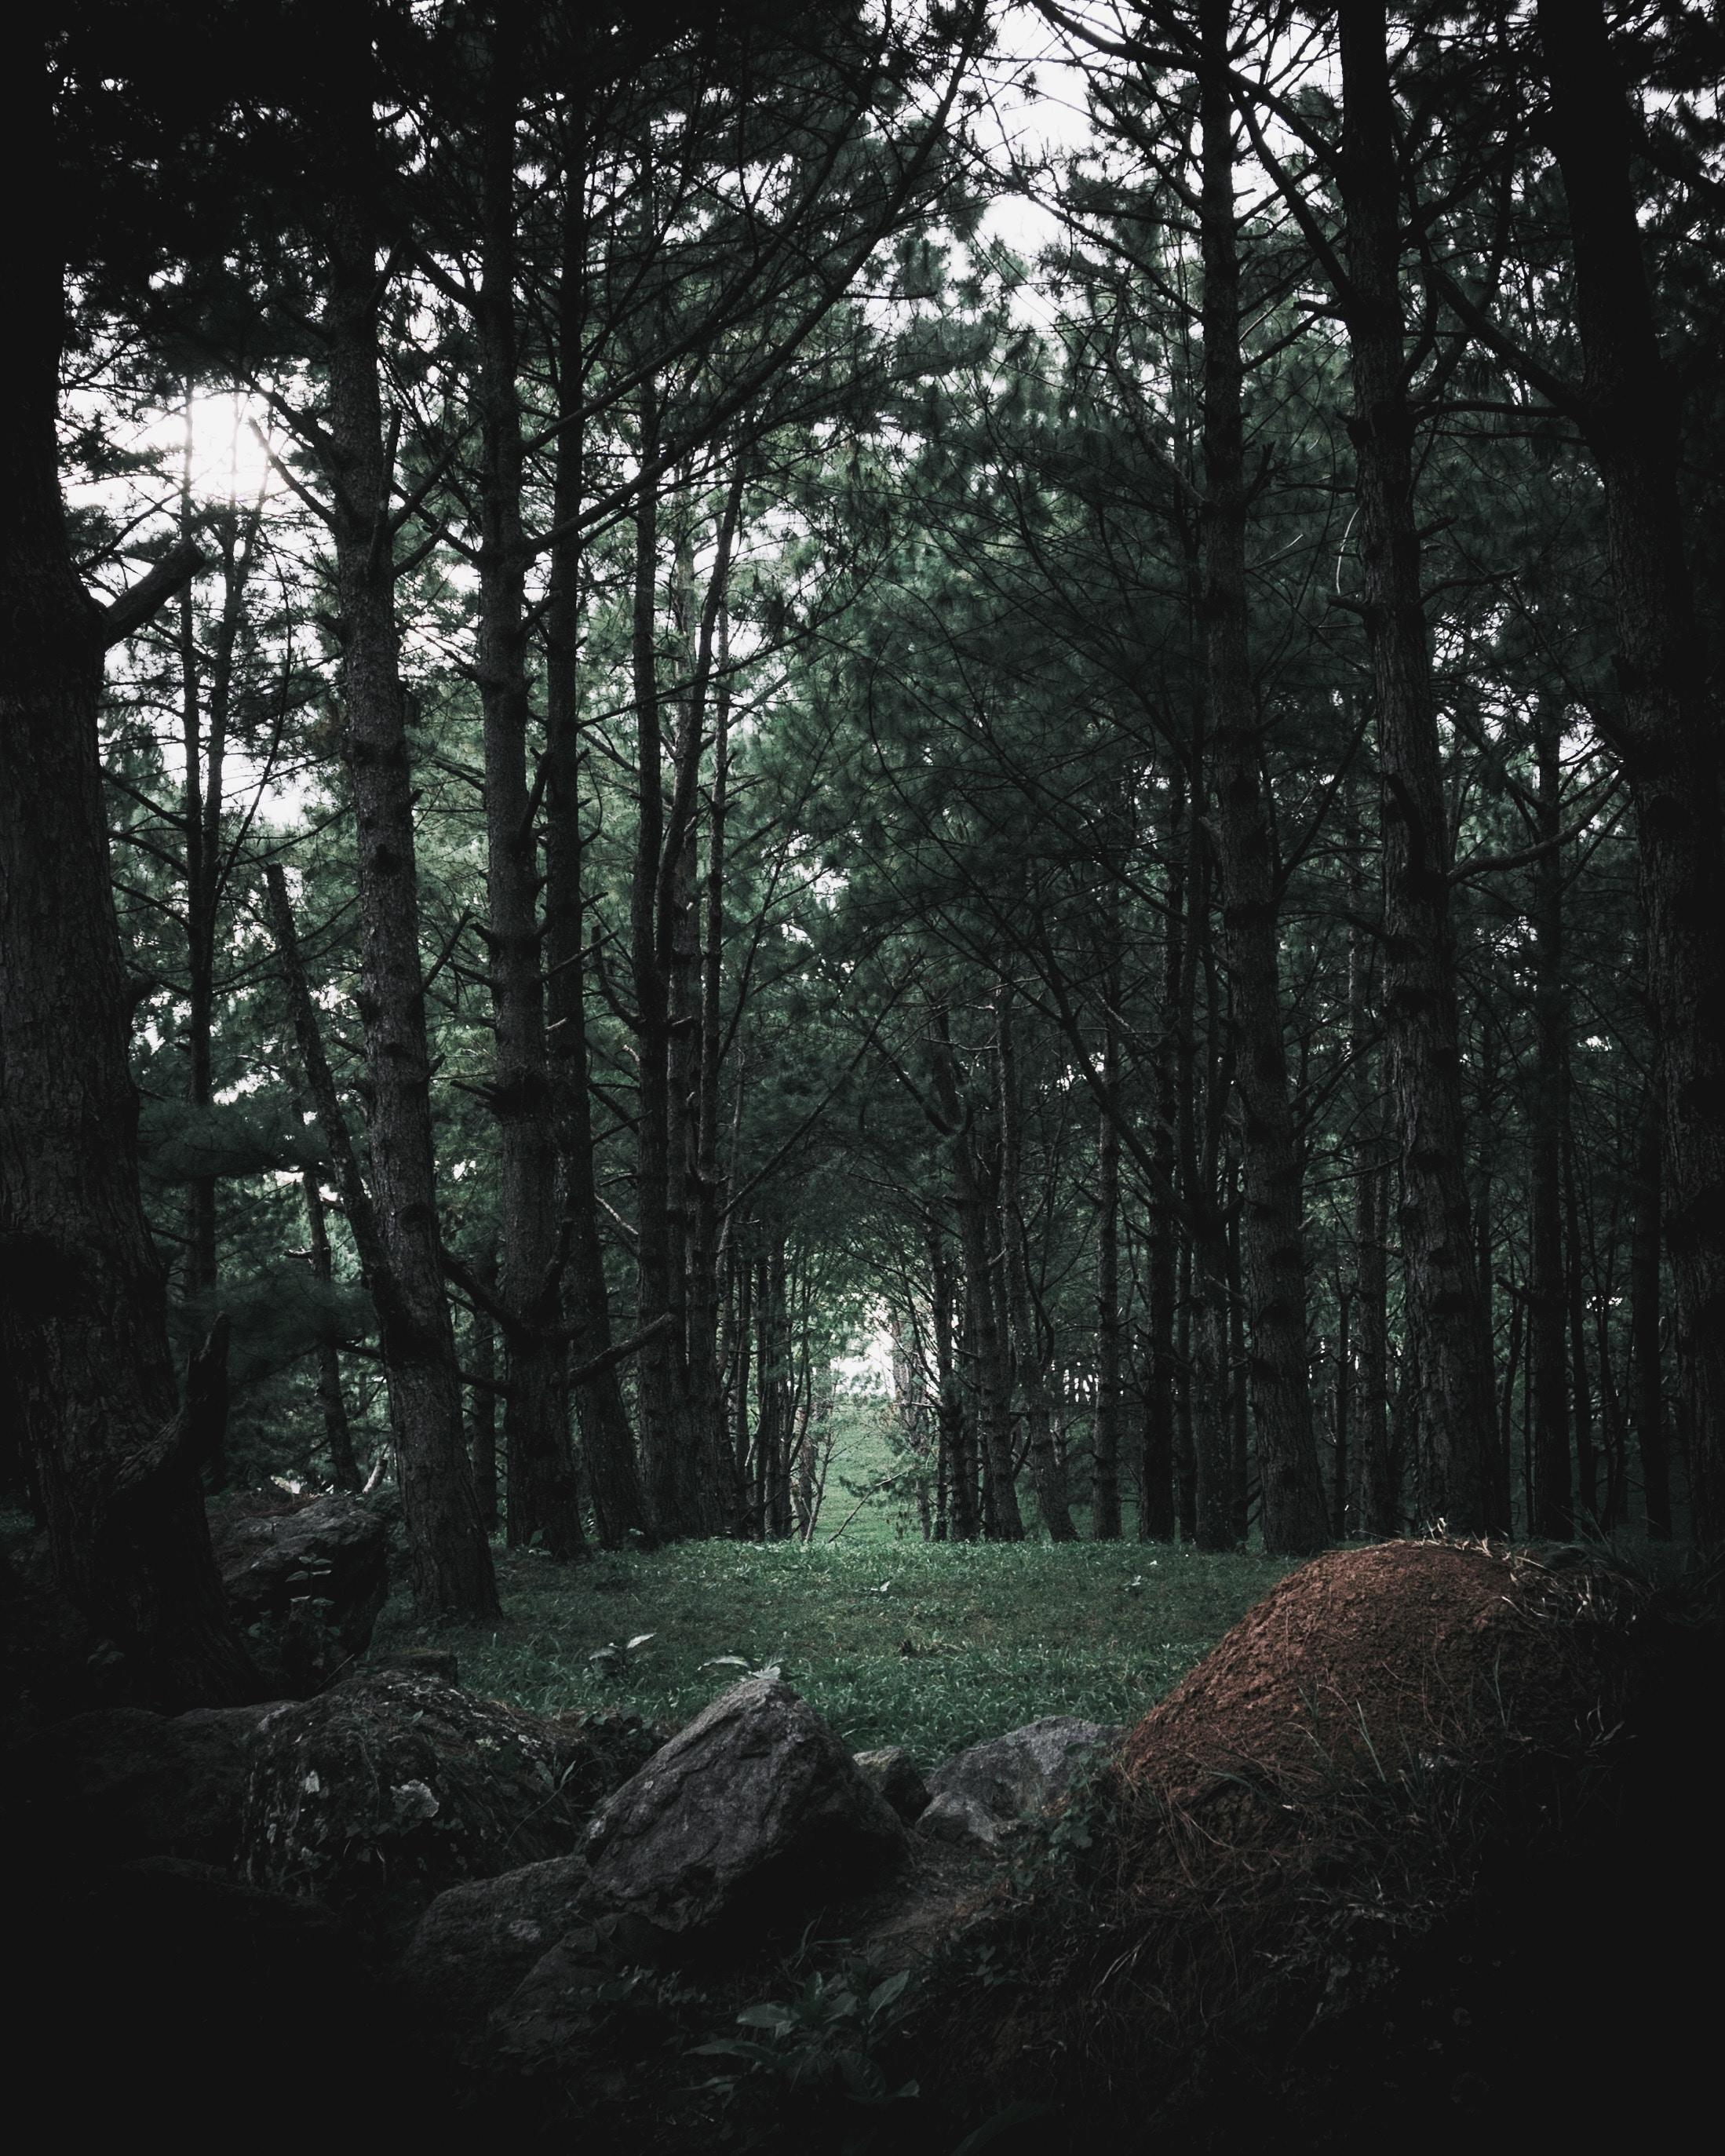 101009 Hintergrundbild 240x400 kostenlos auf deinem Handy, lade Bilder Natur, Bäume, Stones, Kiefer, Nadel, Wald, Nadelholz 240x400 auf dein Handy herunter